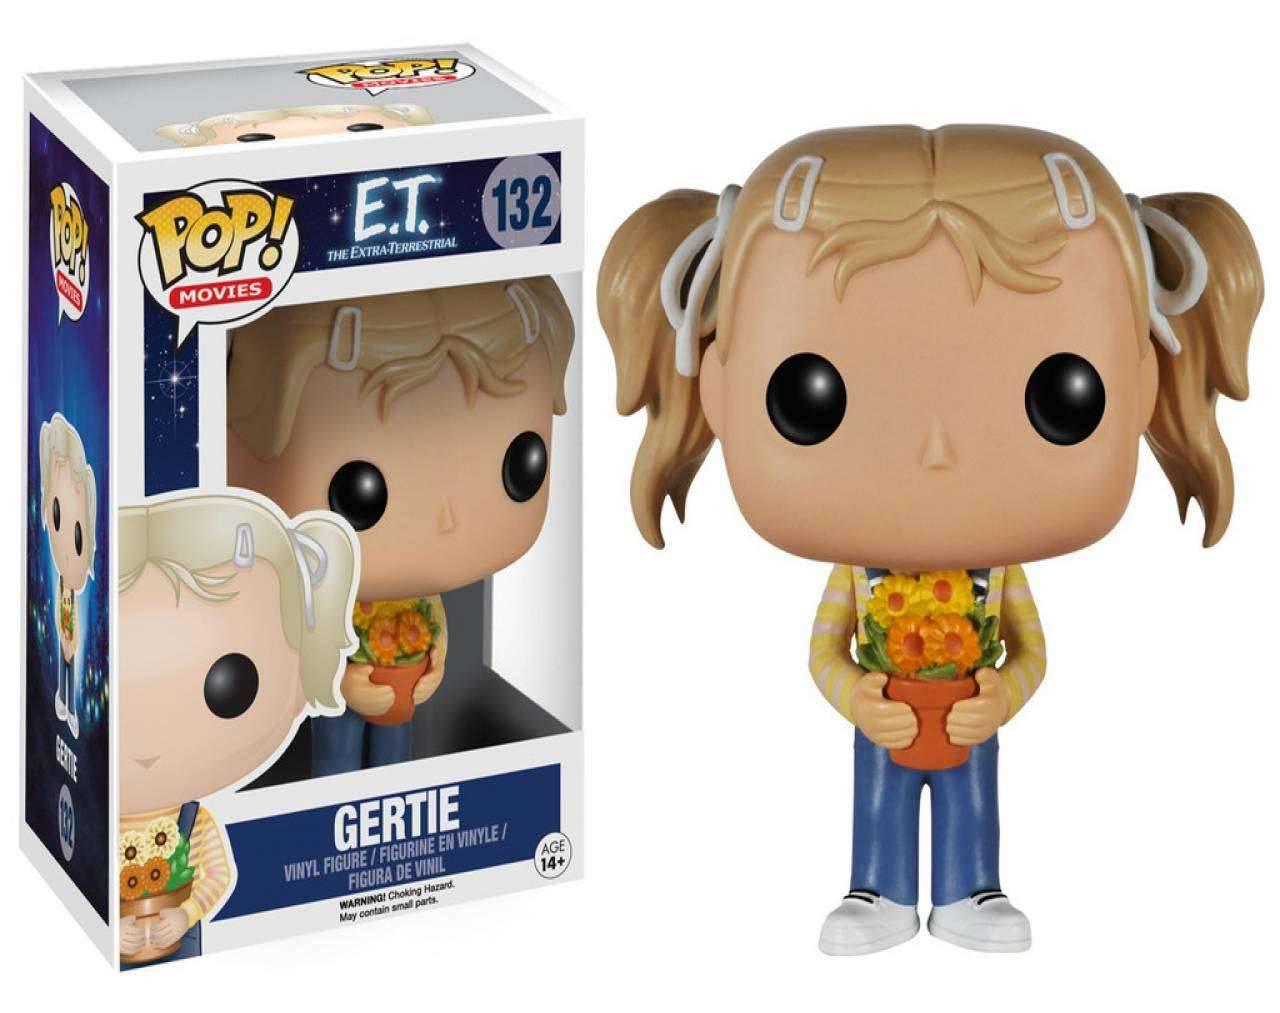 Gertie Pop! Vinyl